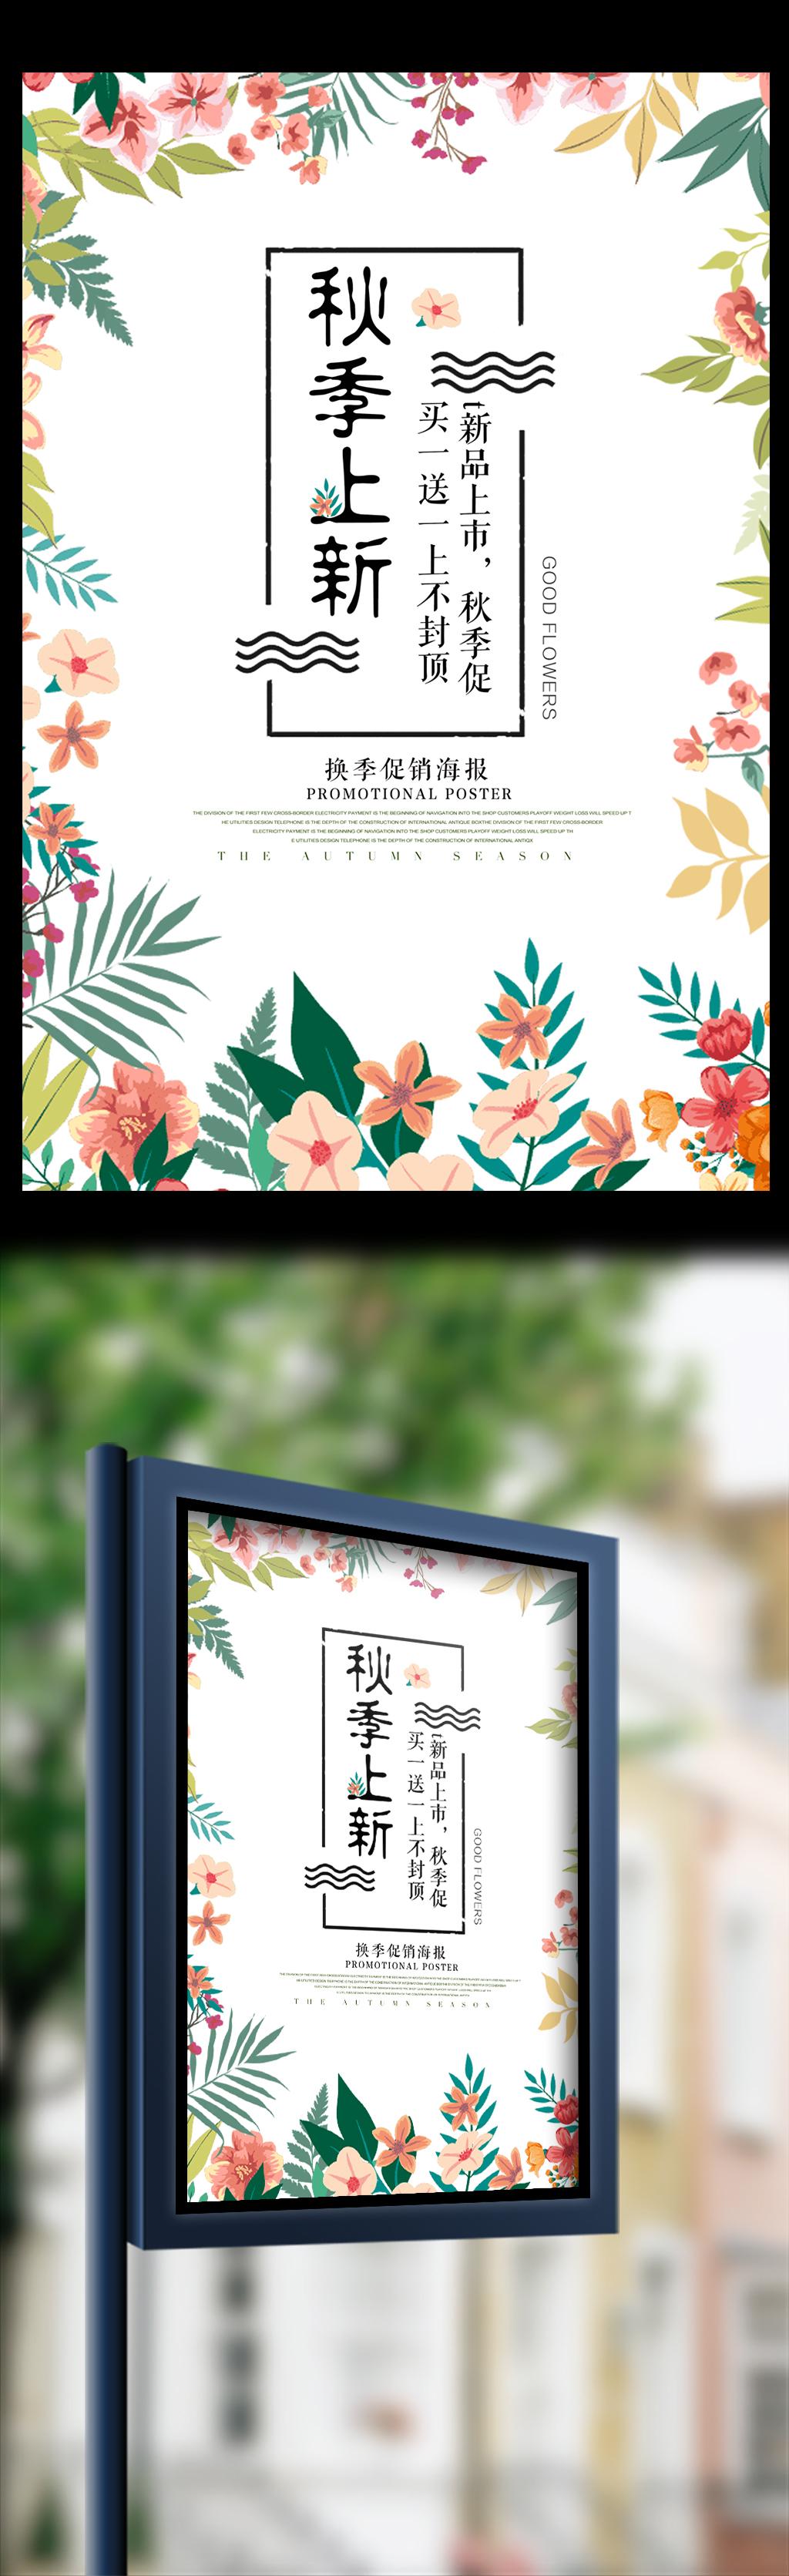 小清新手绘秋季上新促销海报